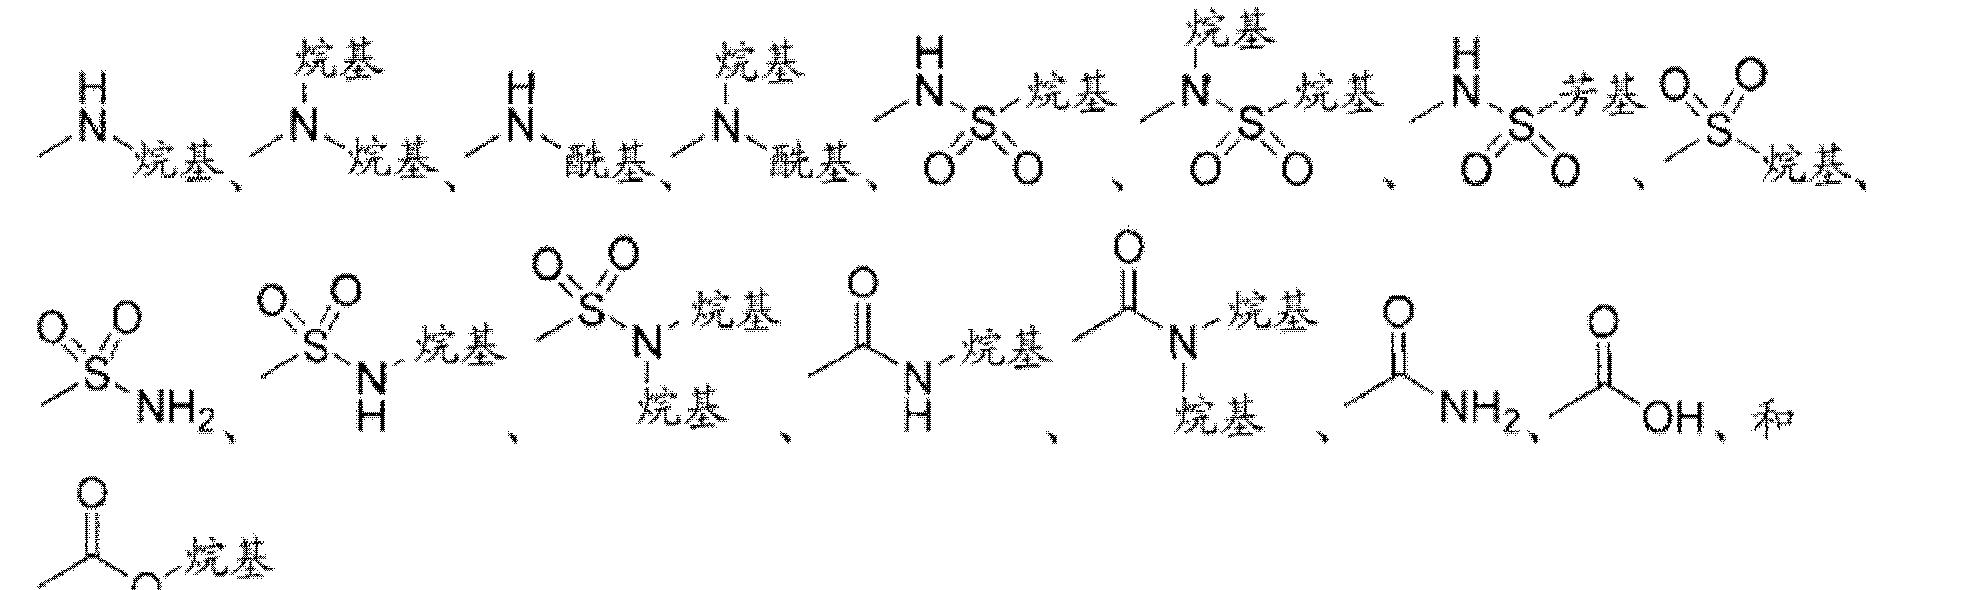 Figure CN102448458BD00162